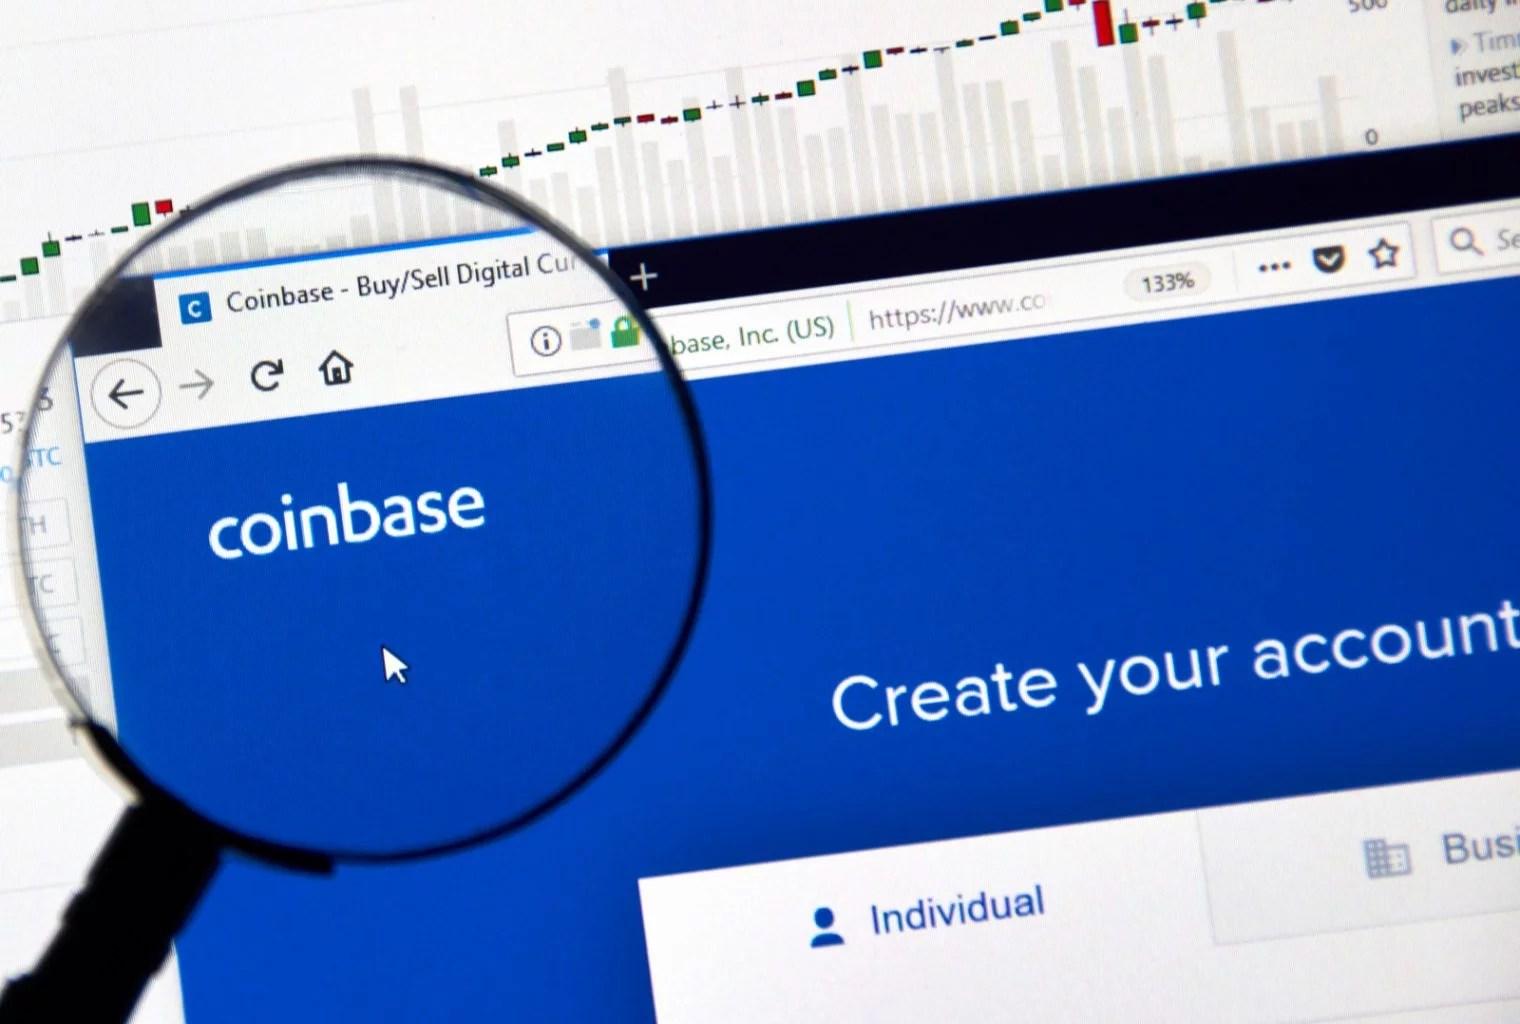 Coinbase reinicia los depósitos y retiros bancarios en libras esterlinas para usuarios en el Reino Unido